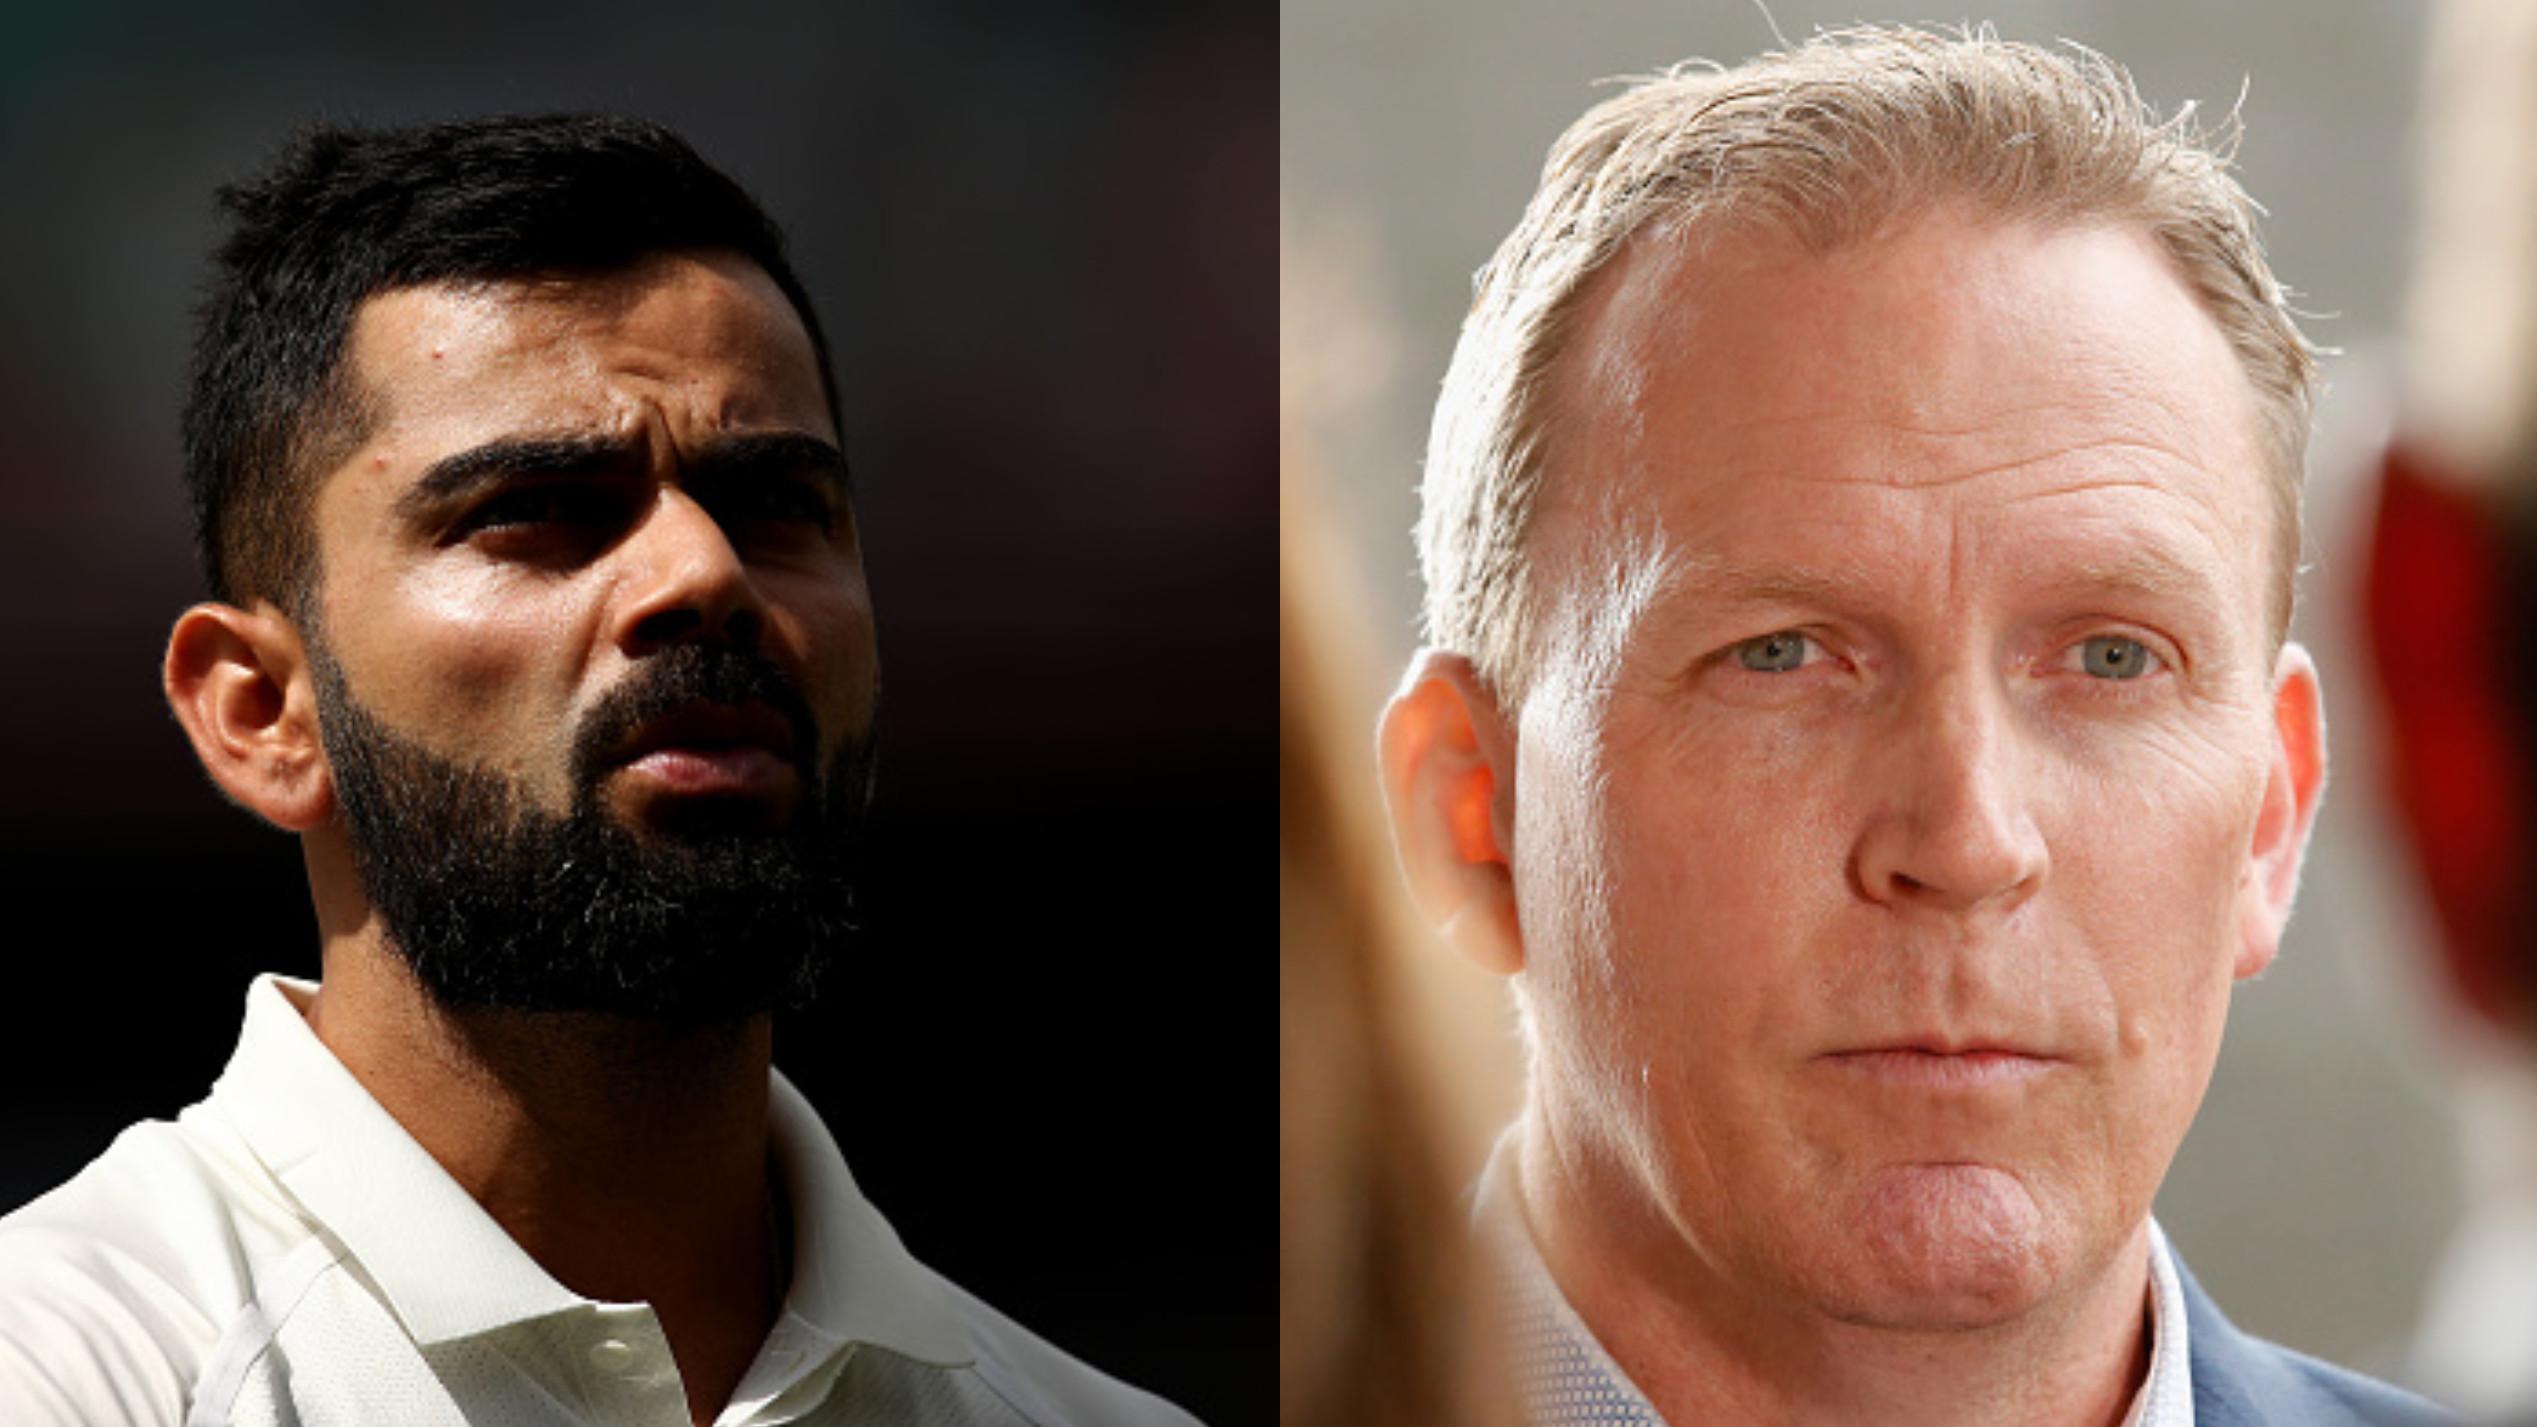 AUS v IND 2018-19 : केविन रॉबर्ट्स ने स्थानीय प्रशंसकों से भारतीय कप्तान विराट कोहली का सम्मान करने का किया आग्रह